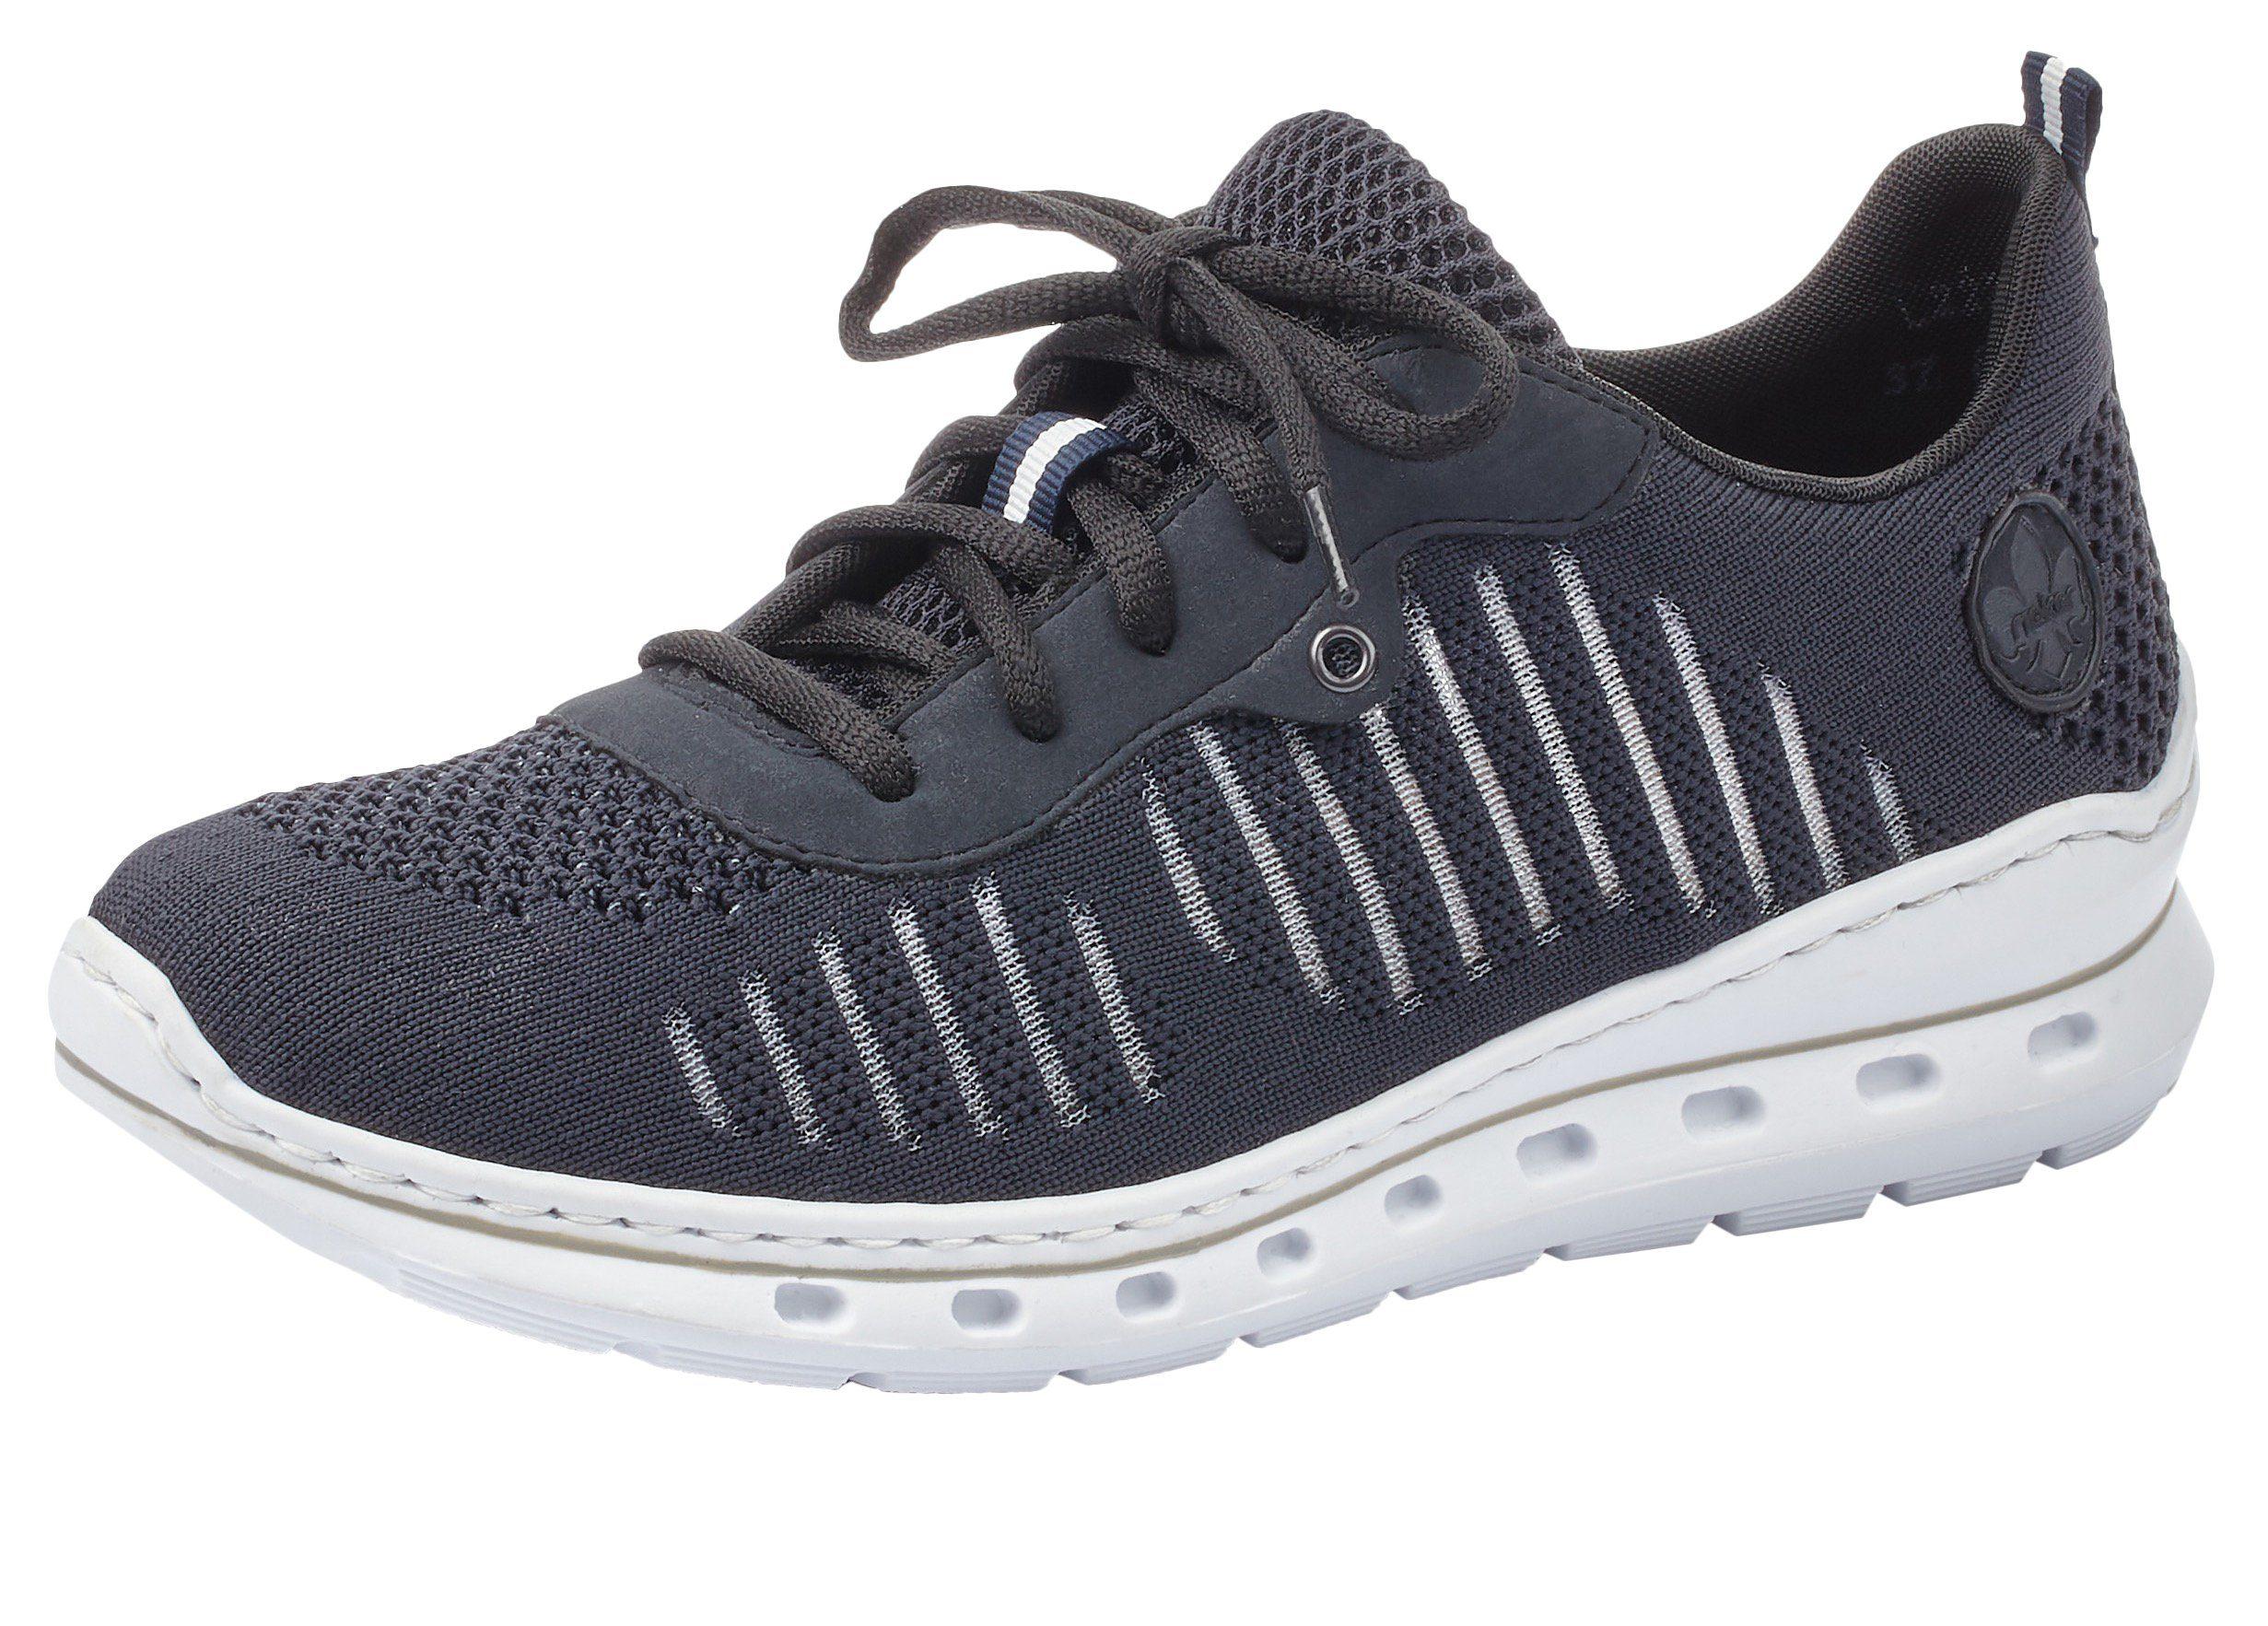 Rieker Sneaker mit MemoSoft Innensohle, Schnürschuh in sportivem Look online kaufen   OTTO